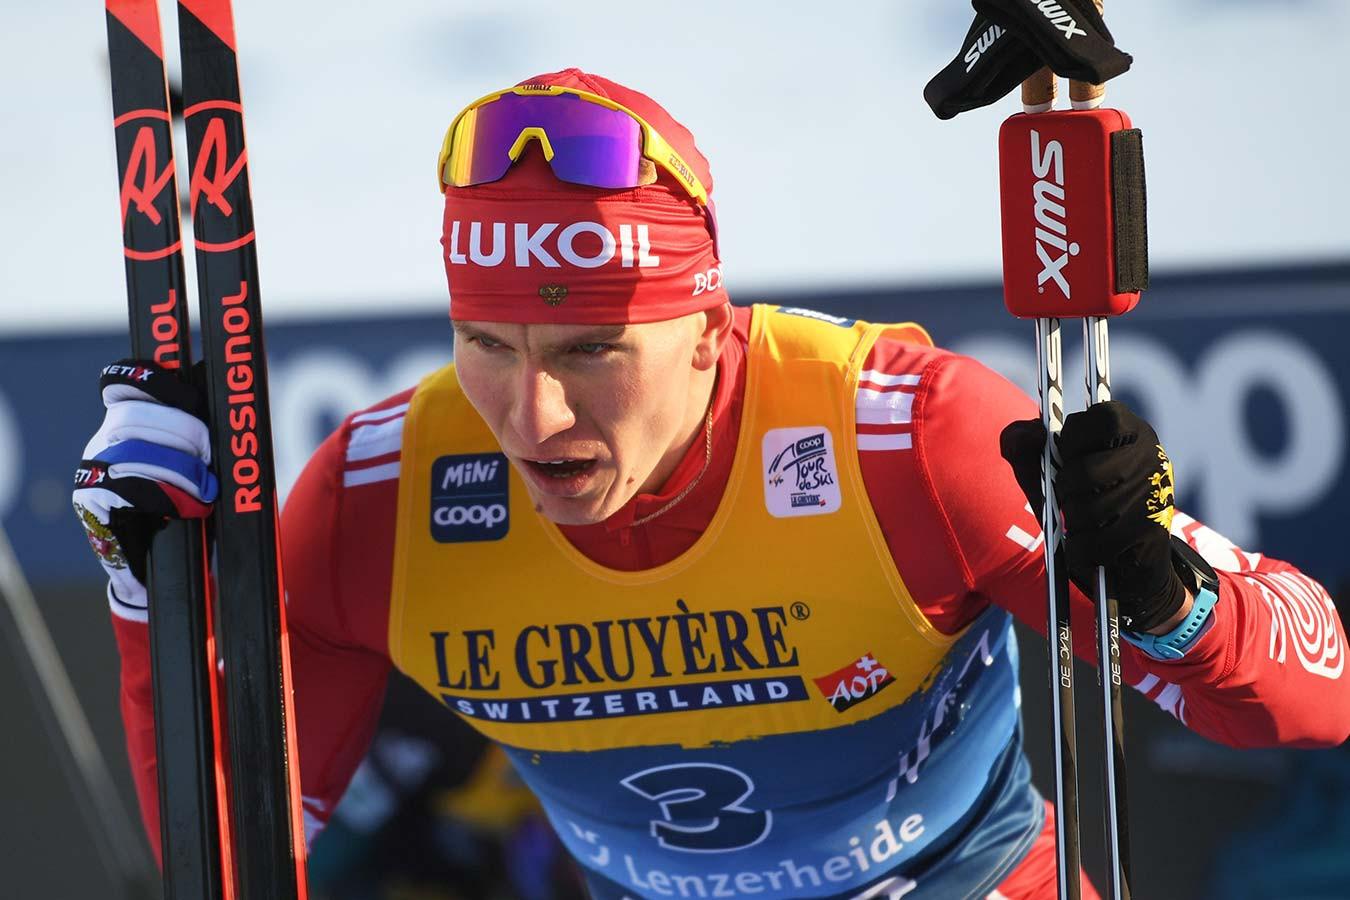 Большунов рассказал, почему не общается с лыжником Йони Мяки после скандальной эстафеты